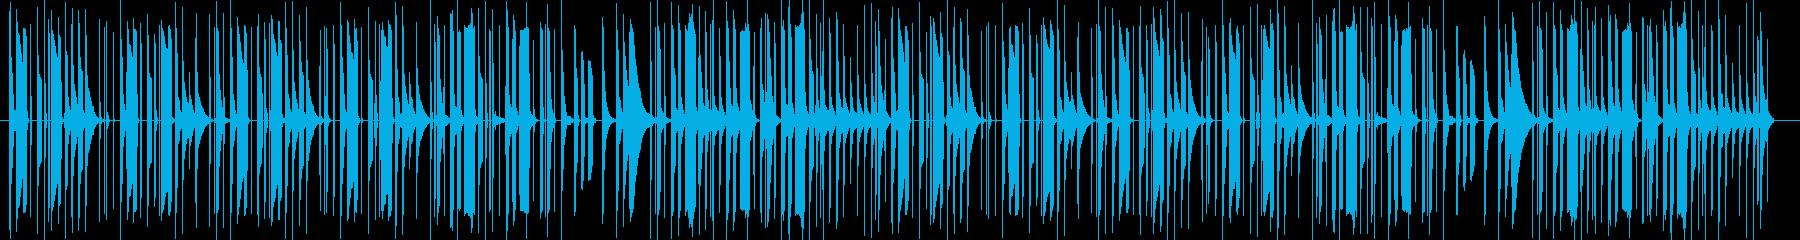 日常、ほのぼの、クイズ、謎解き、実験の再生済みの波形